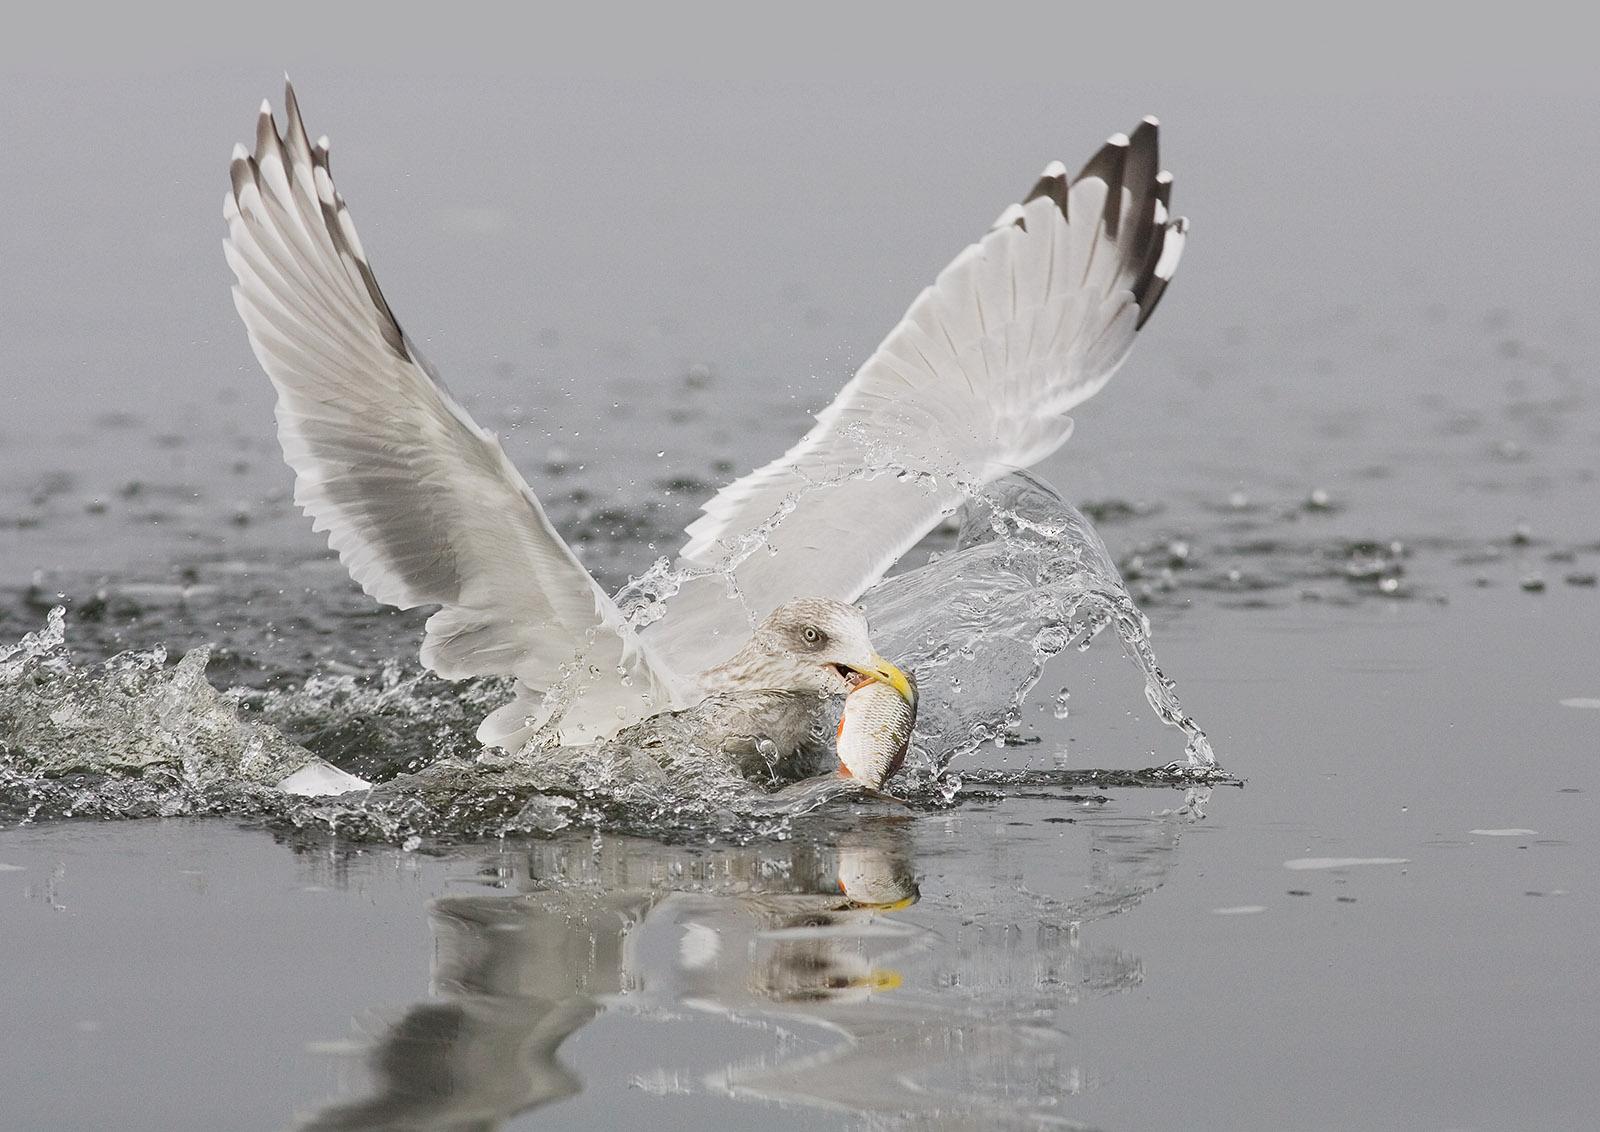 foto: Jan Duker | Zilvermeeuw in actie met vis in bek in water